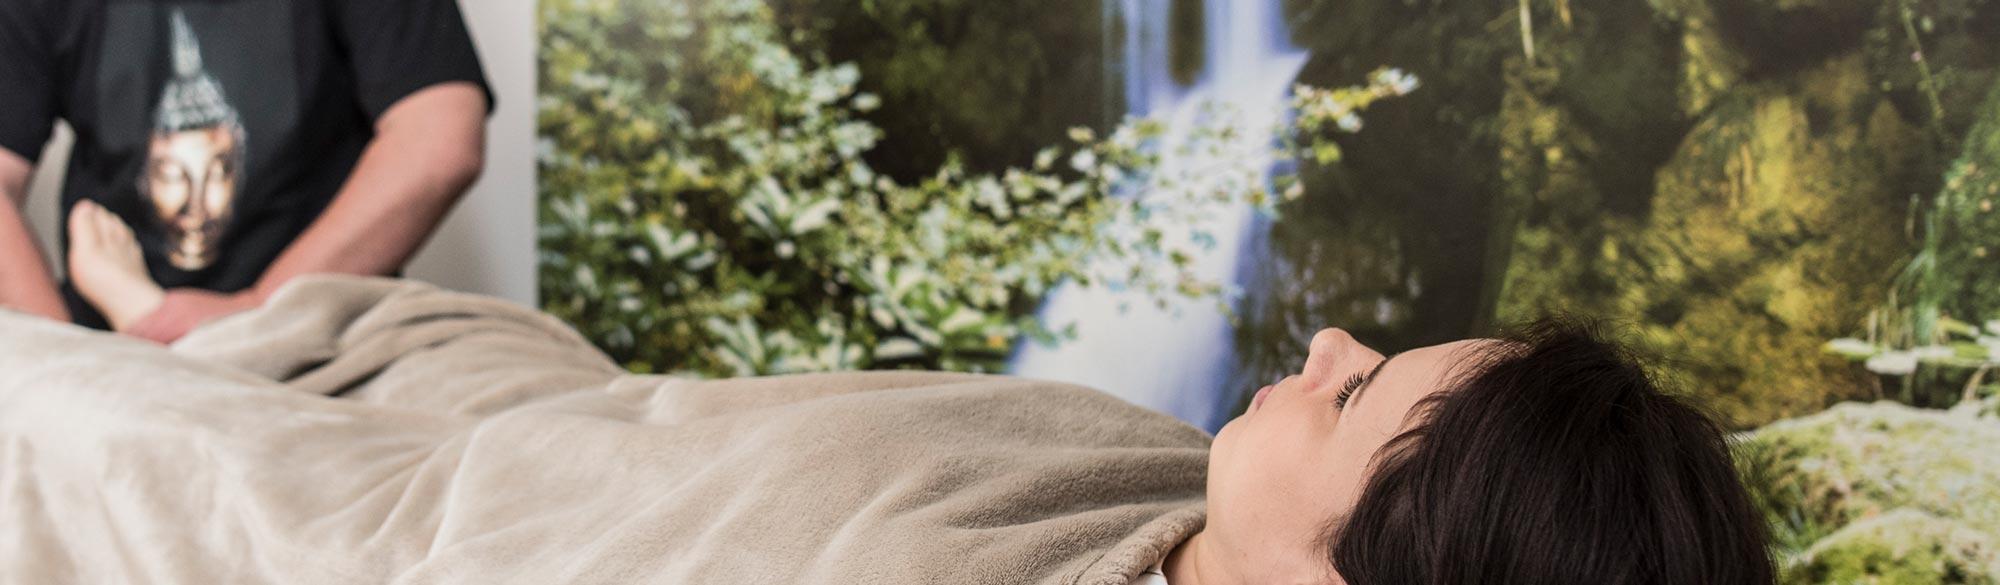 Massagen Physiotherapie Künzler